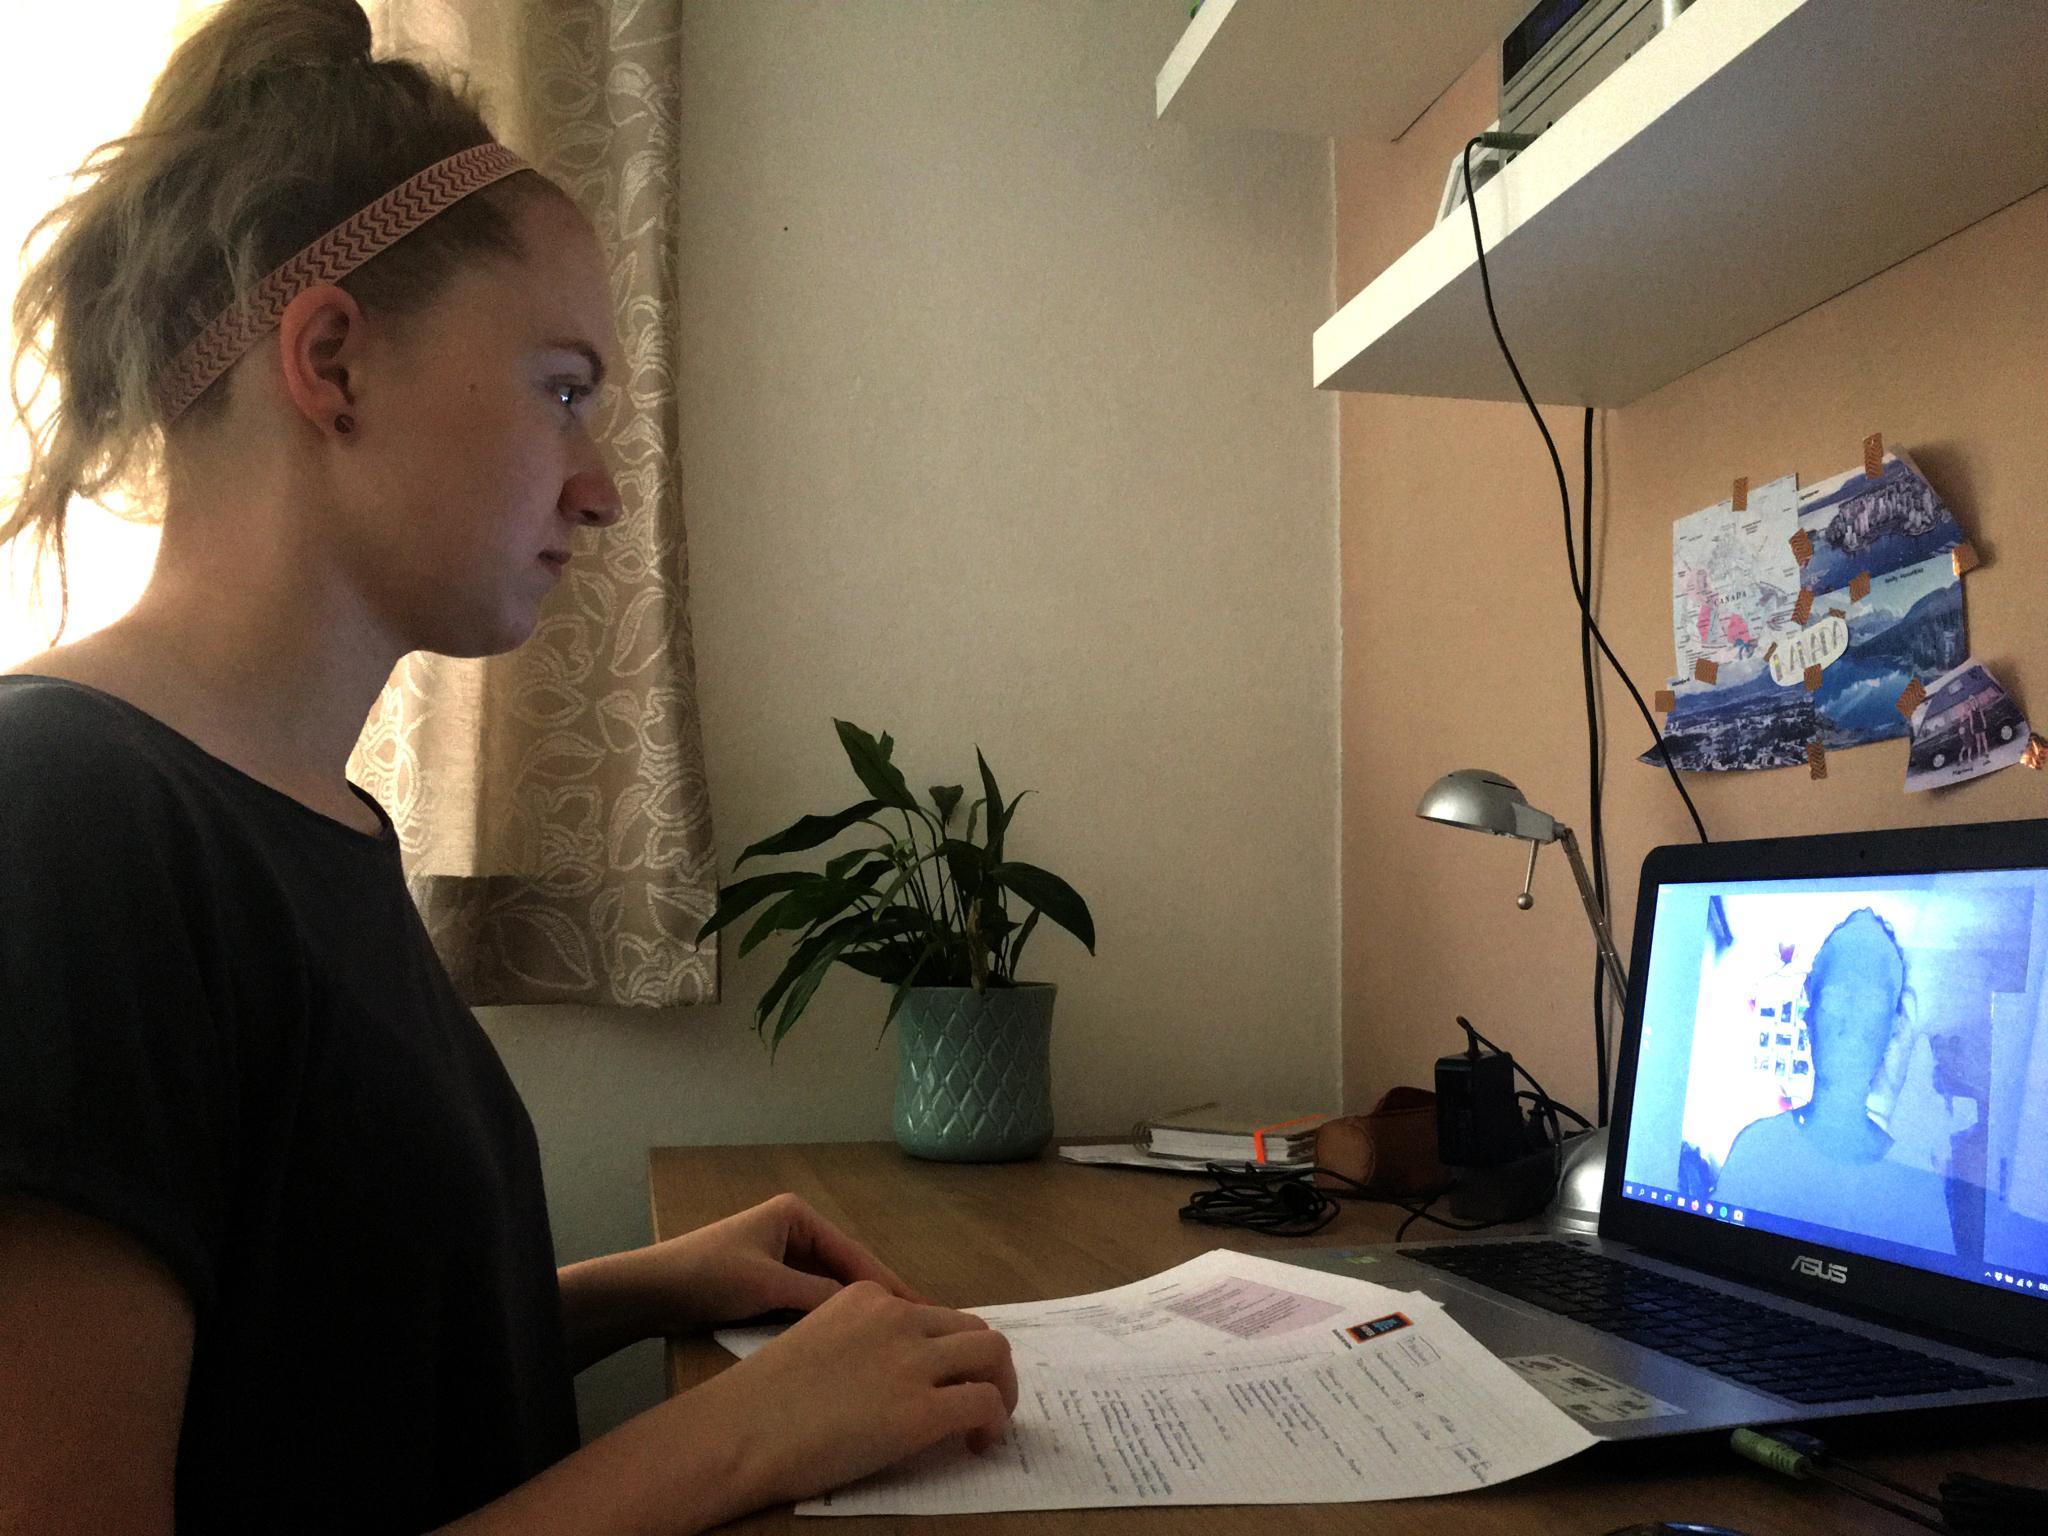 """Presseaussendung Erfahrung und Verständnis von Beeinträchtigungen Mai 2020 Birgit Zarzer bei der Erstellung des Kurzvideos """"Hörbeeinträchtigung"""","""